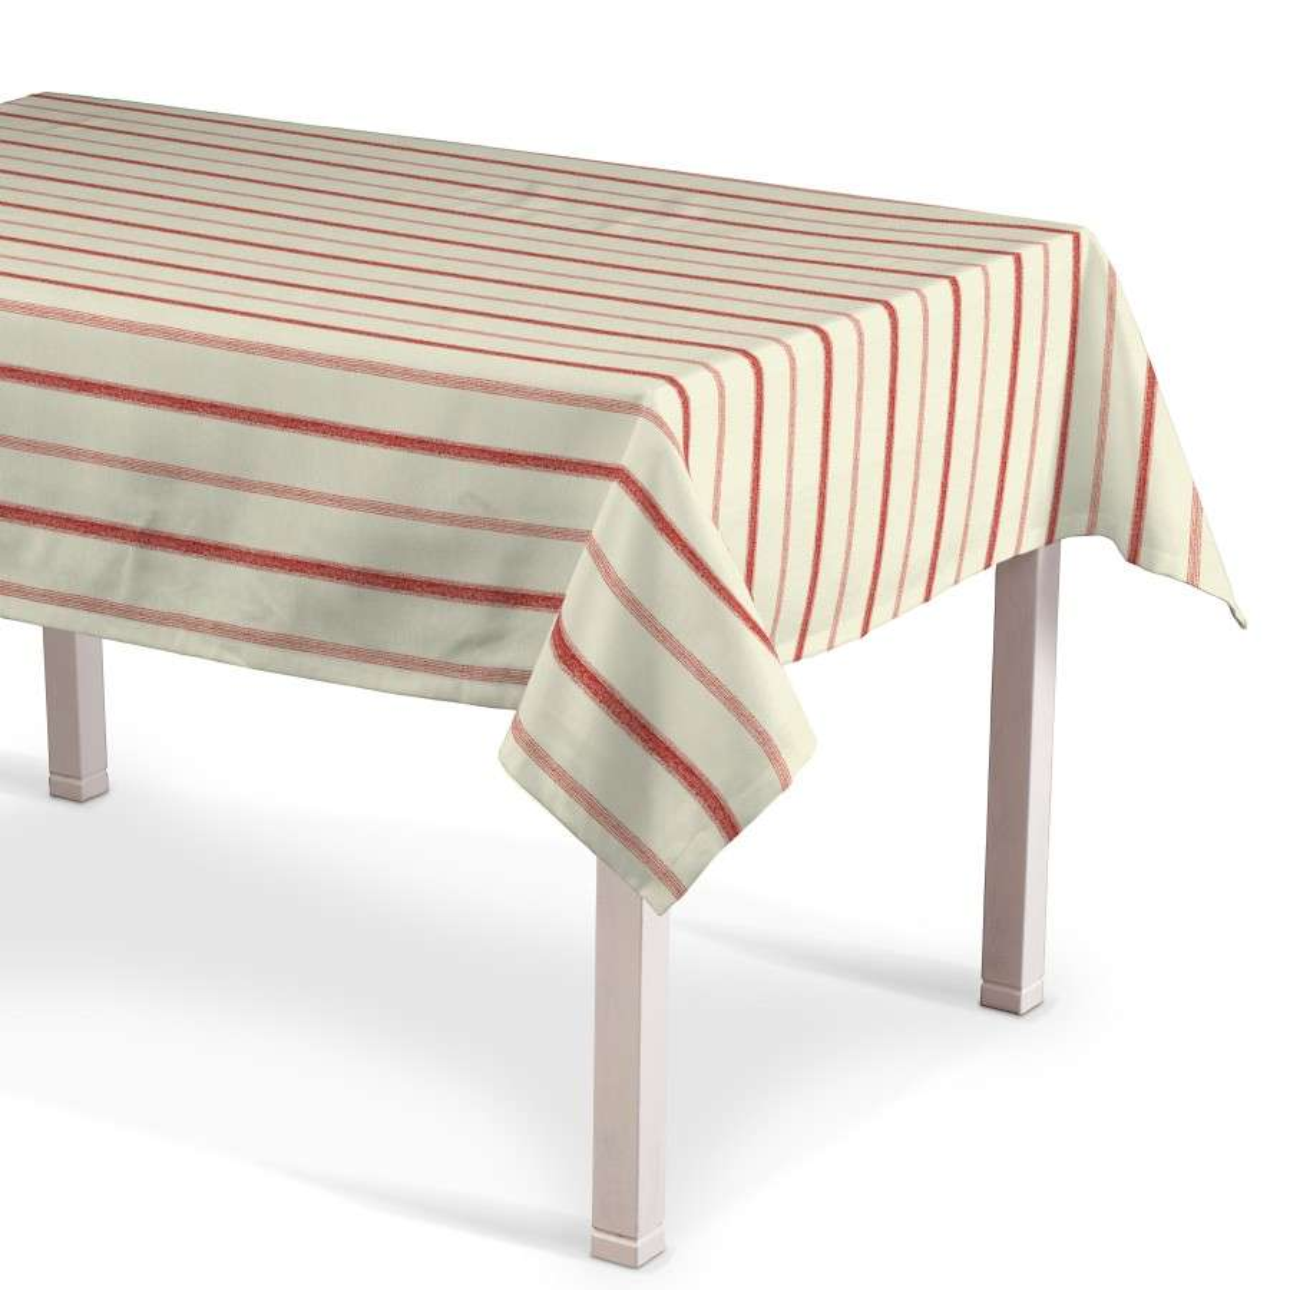 Asztalterítő téglalap alakú 130 x 130 cm a kollekcióból Lakástextil Avinon, Dekoranyag: 129-15